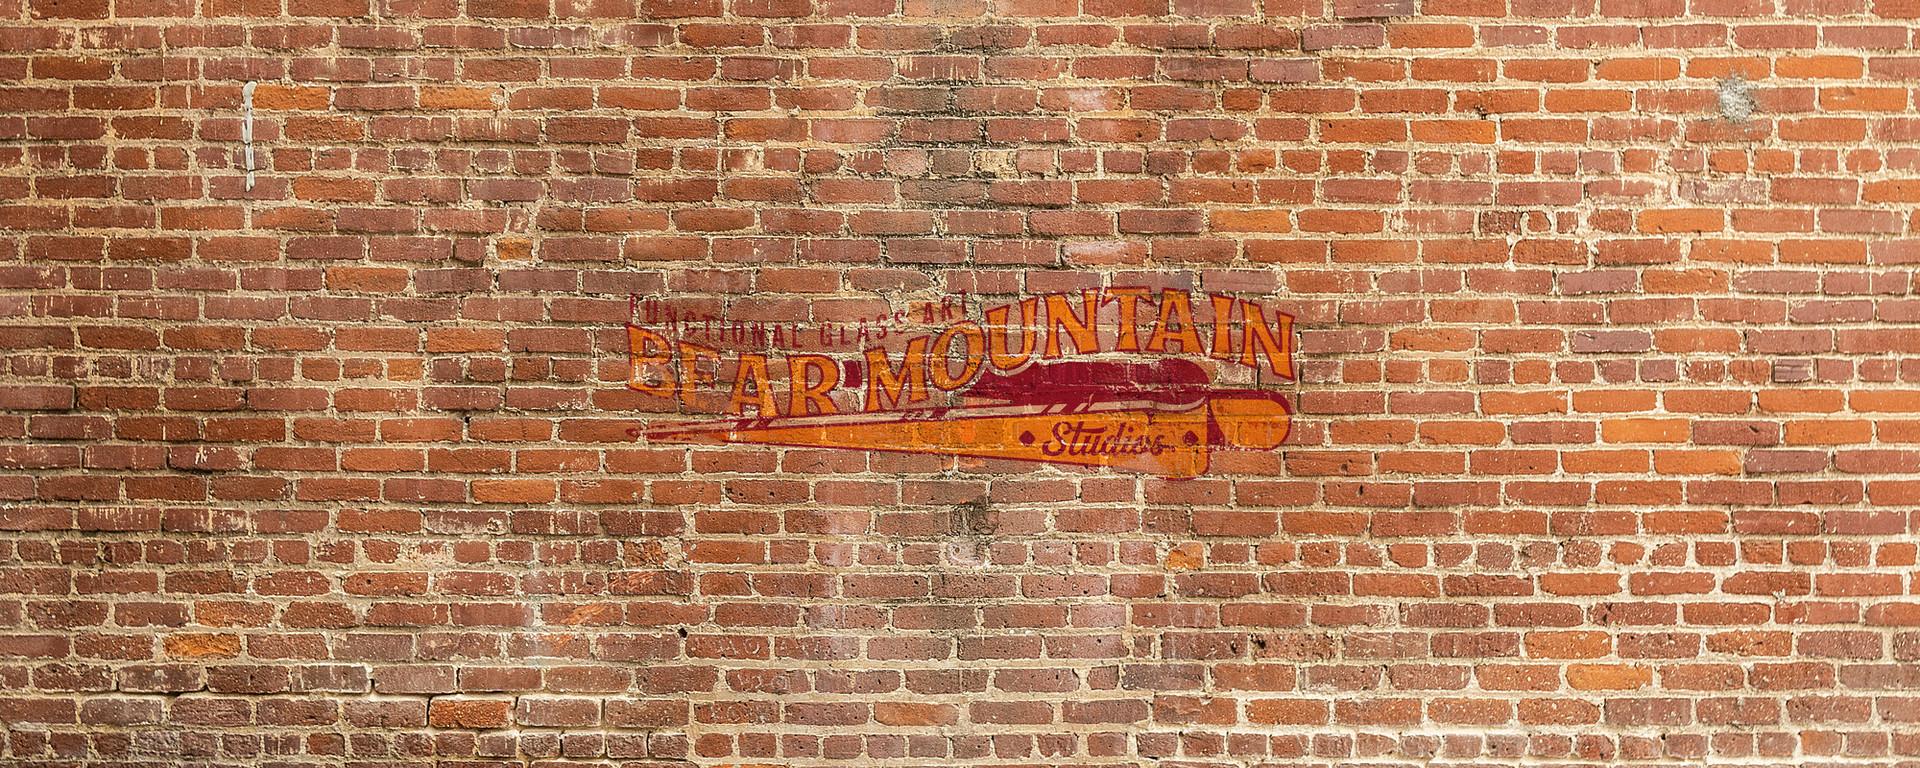 BEAR MOUNTAIN STUDIOS